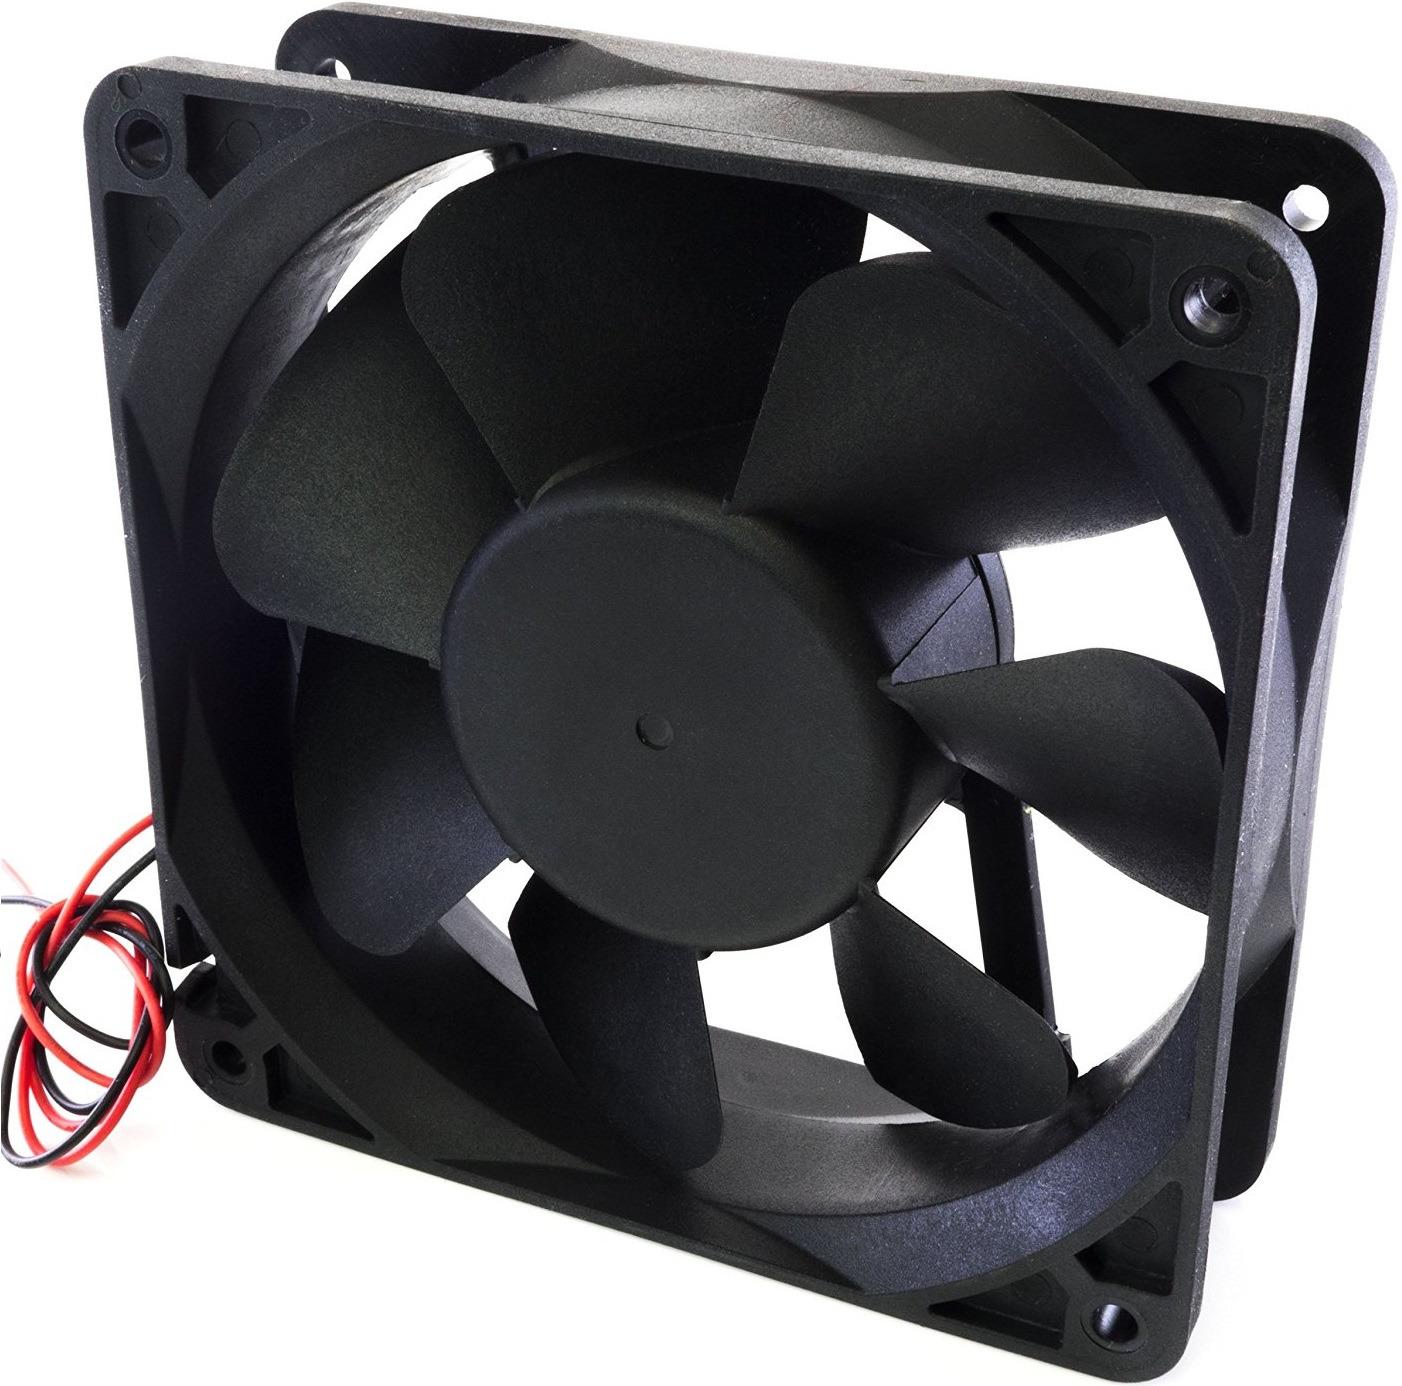 Вентилятор компьютерный Titan, TFD-9225L12Z, черный вентилятор компьютерный titan ttc hd12tz